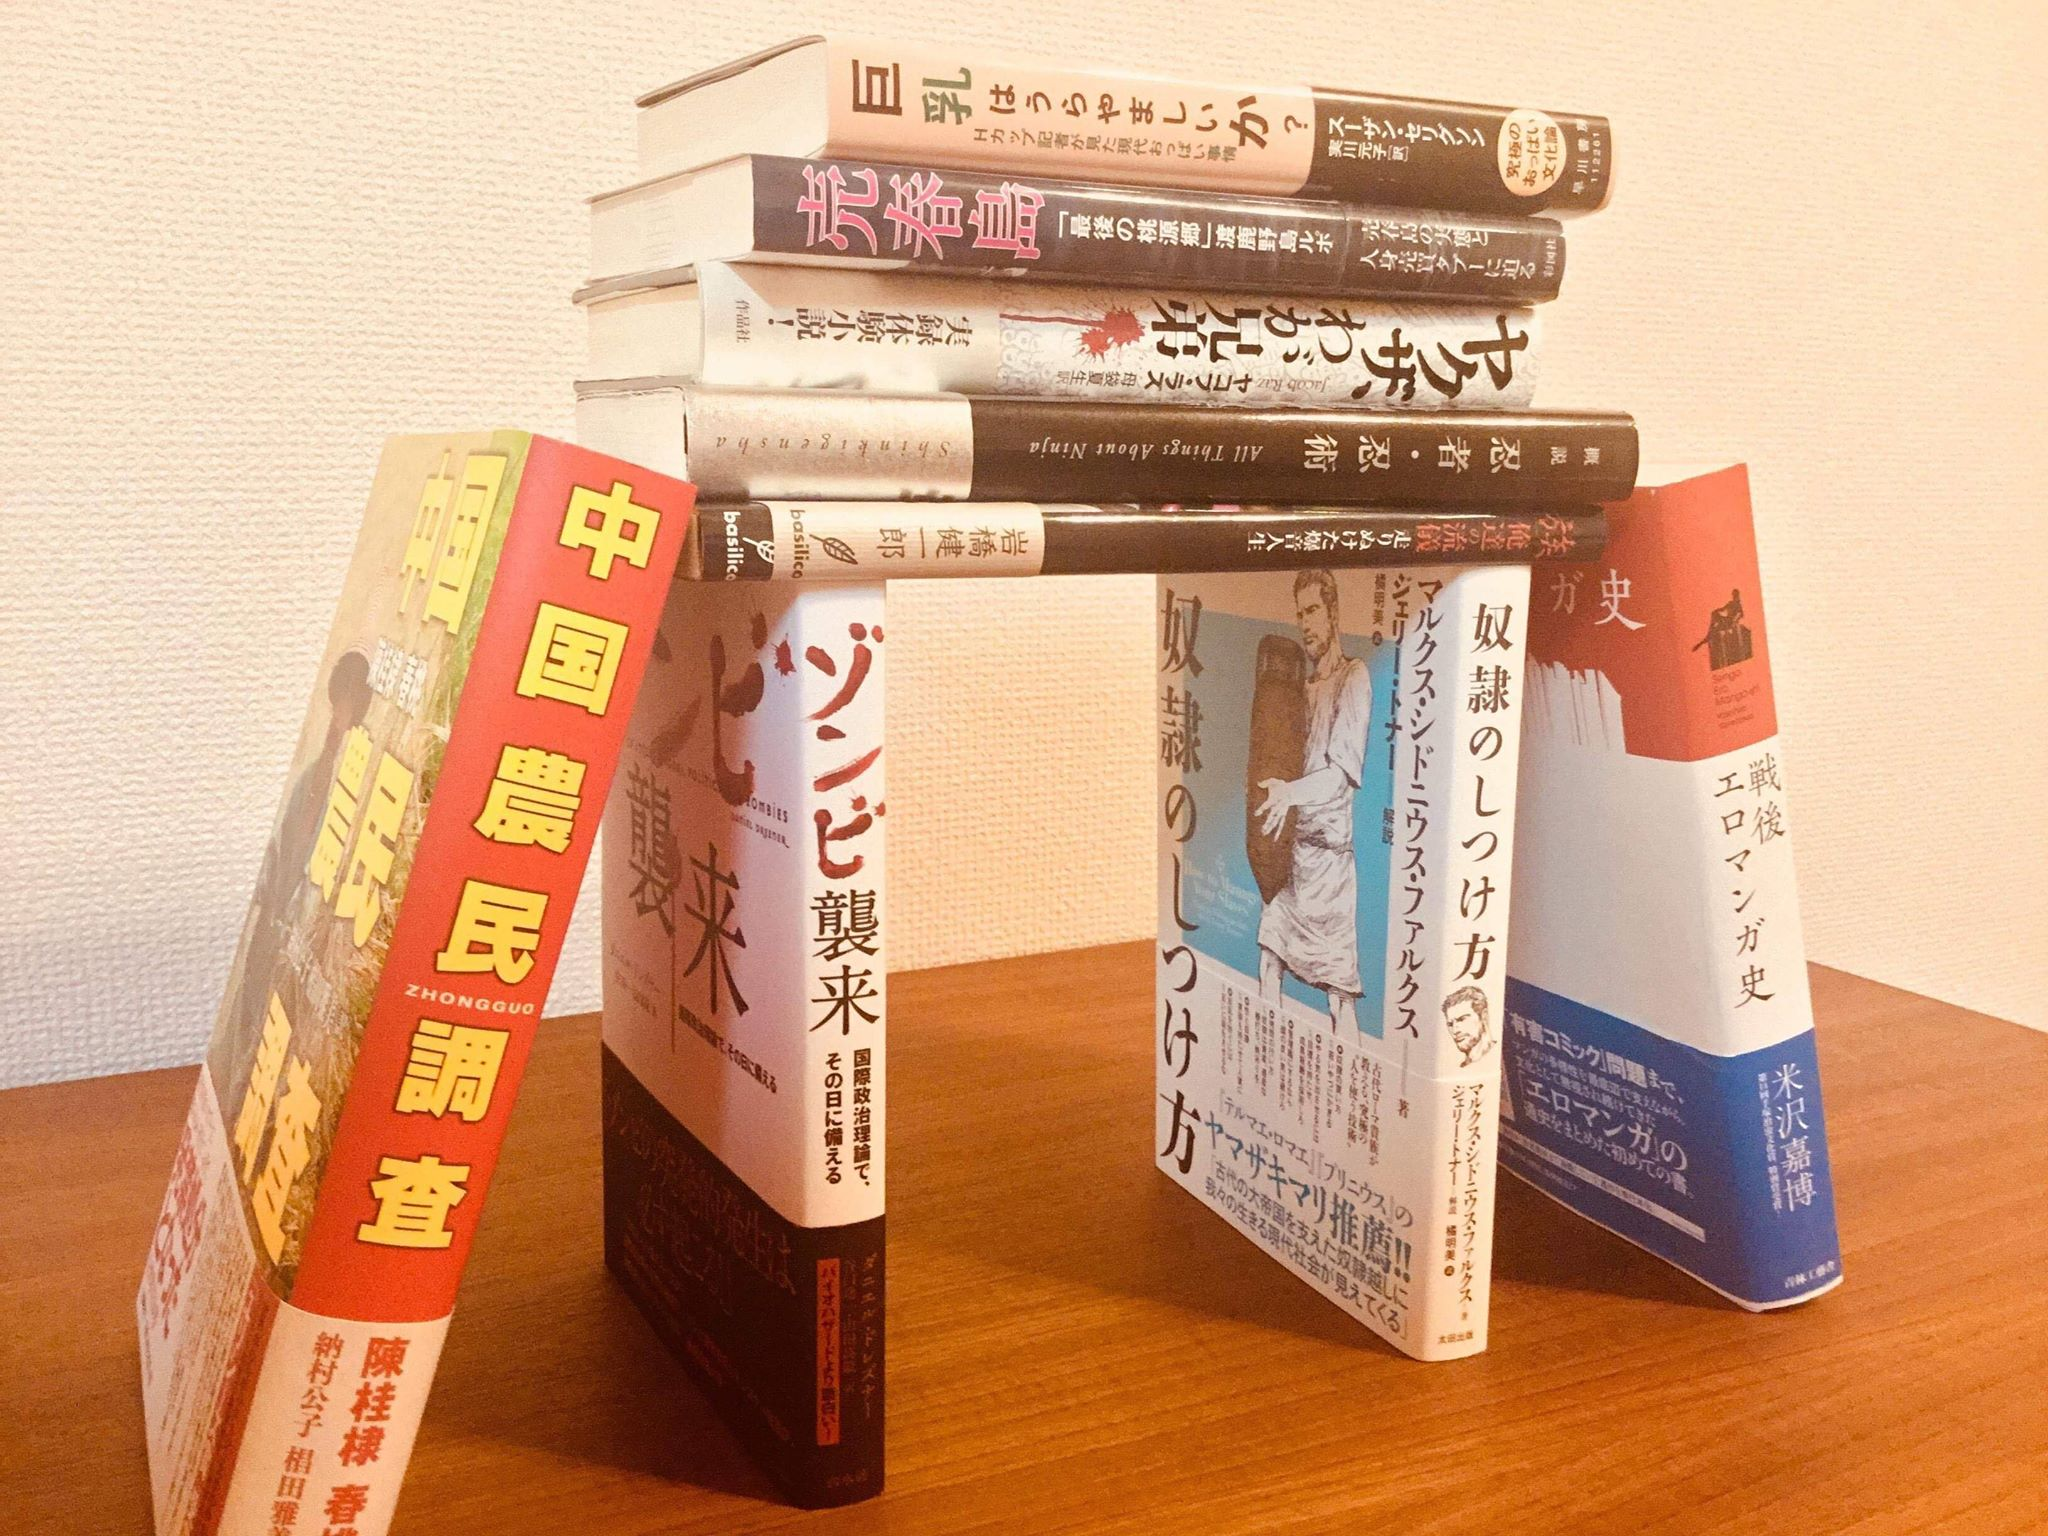 【あなたの「積ん読」見せてください】vol.2 なぜ、積ん読は生まれるのか? を分析してみた